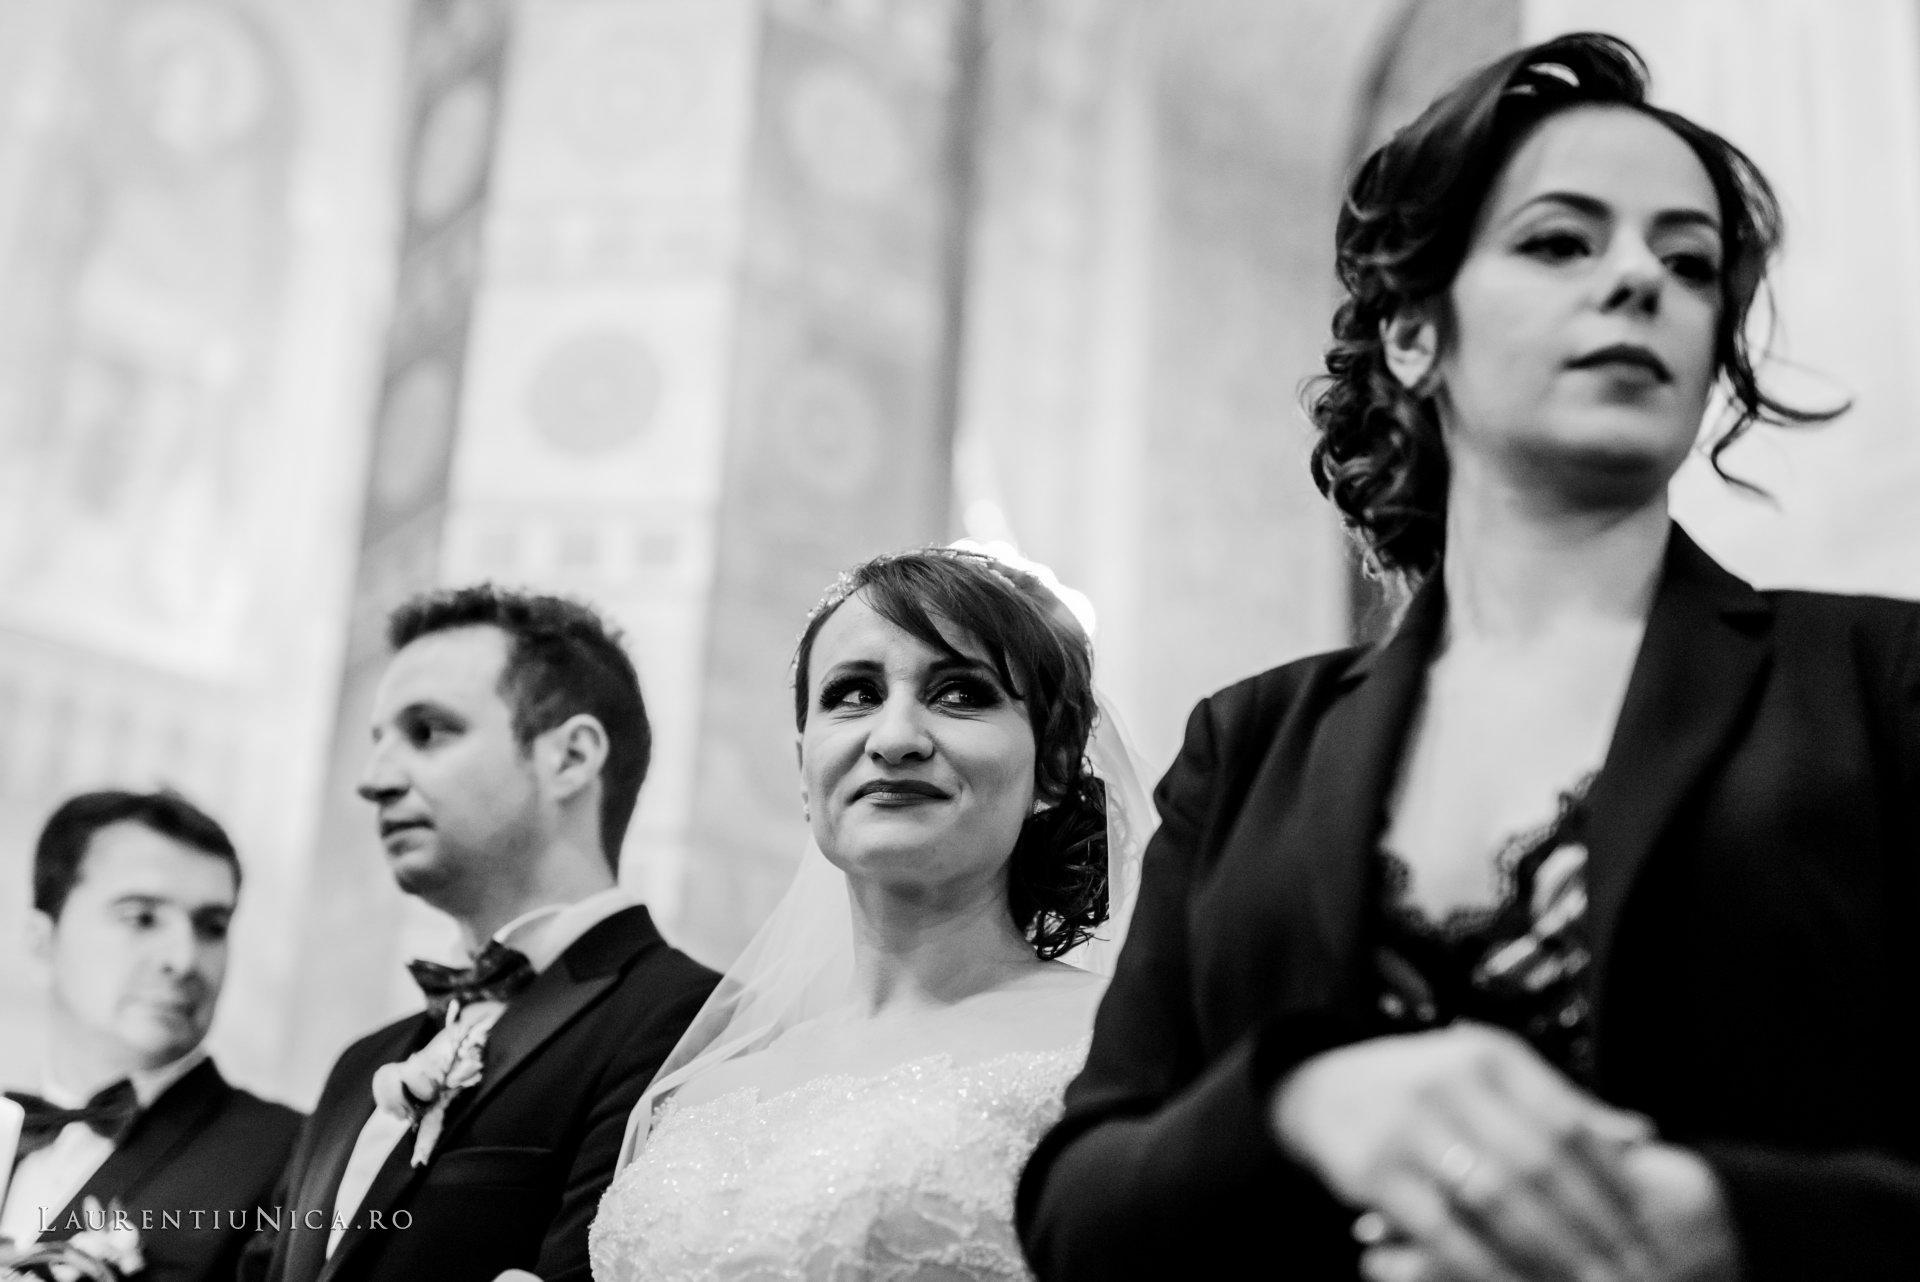 daniela si marius fotografii nunta craiova laurentiu nica23 - Daniela & Marius | Fotografii nunta